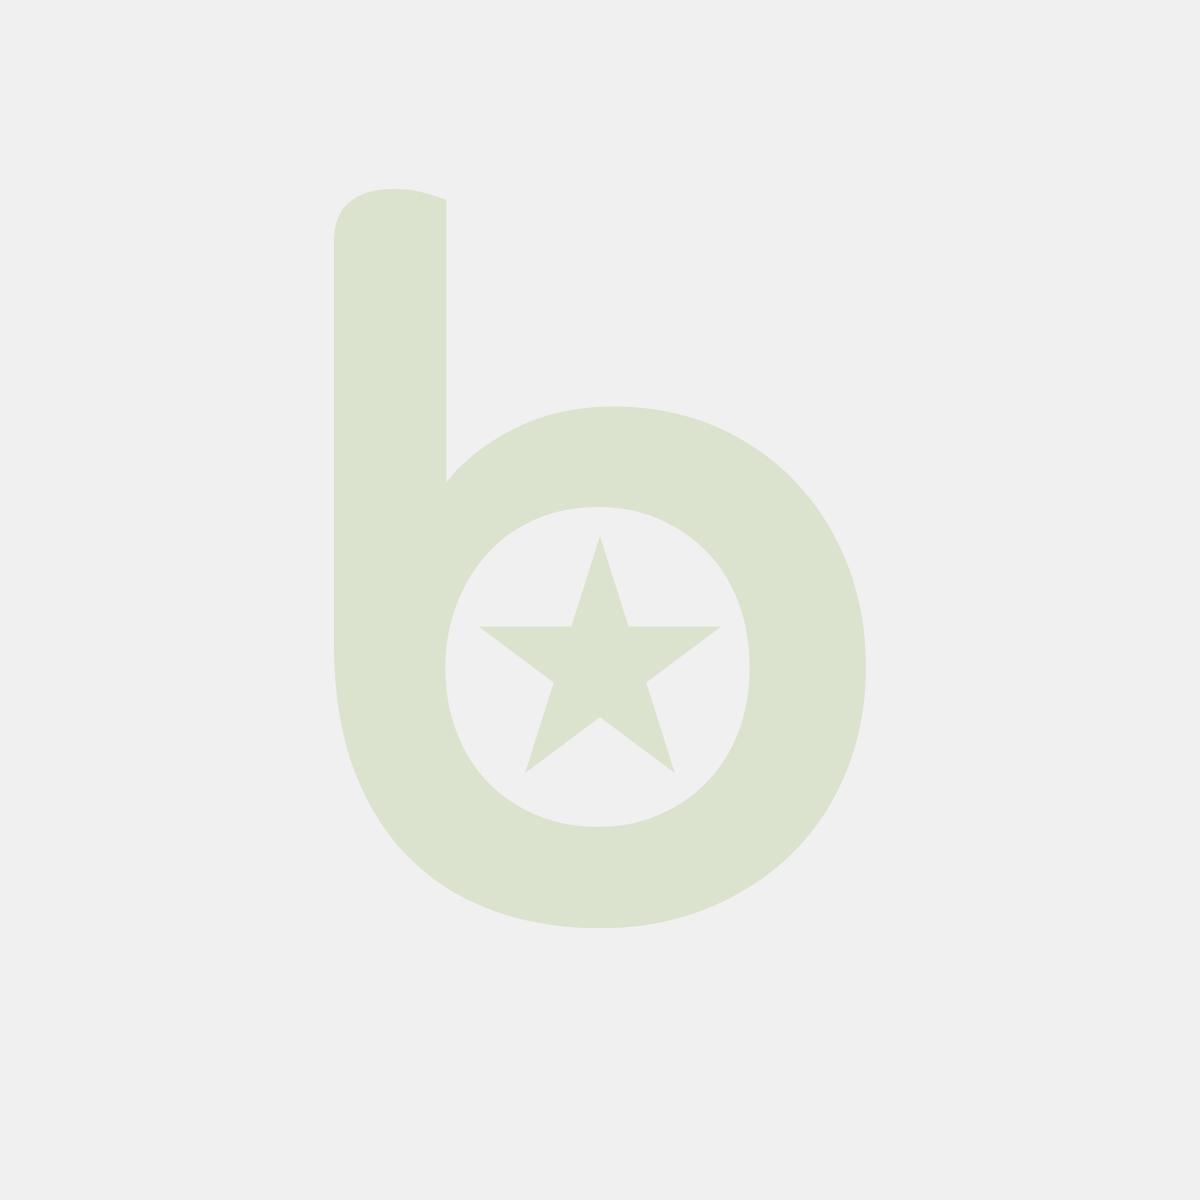 Chusteczki higieniczne A.PSIK op. 10 paczek